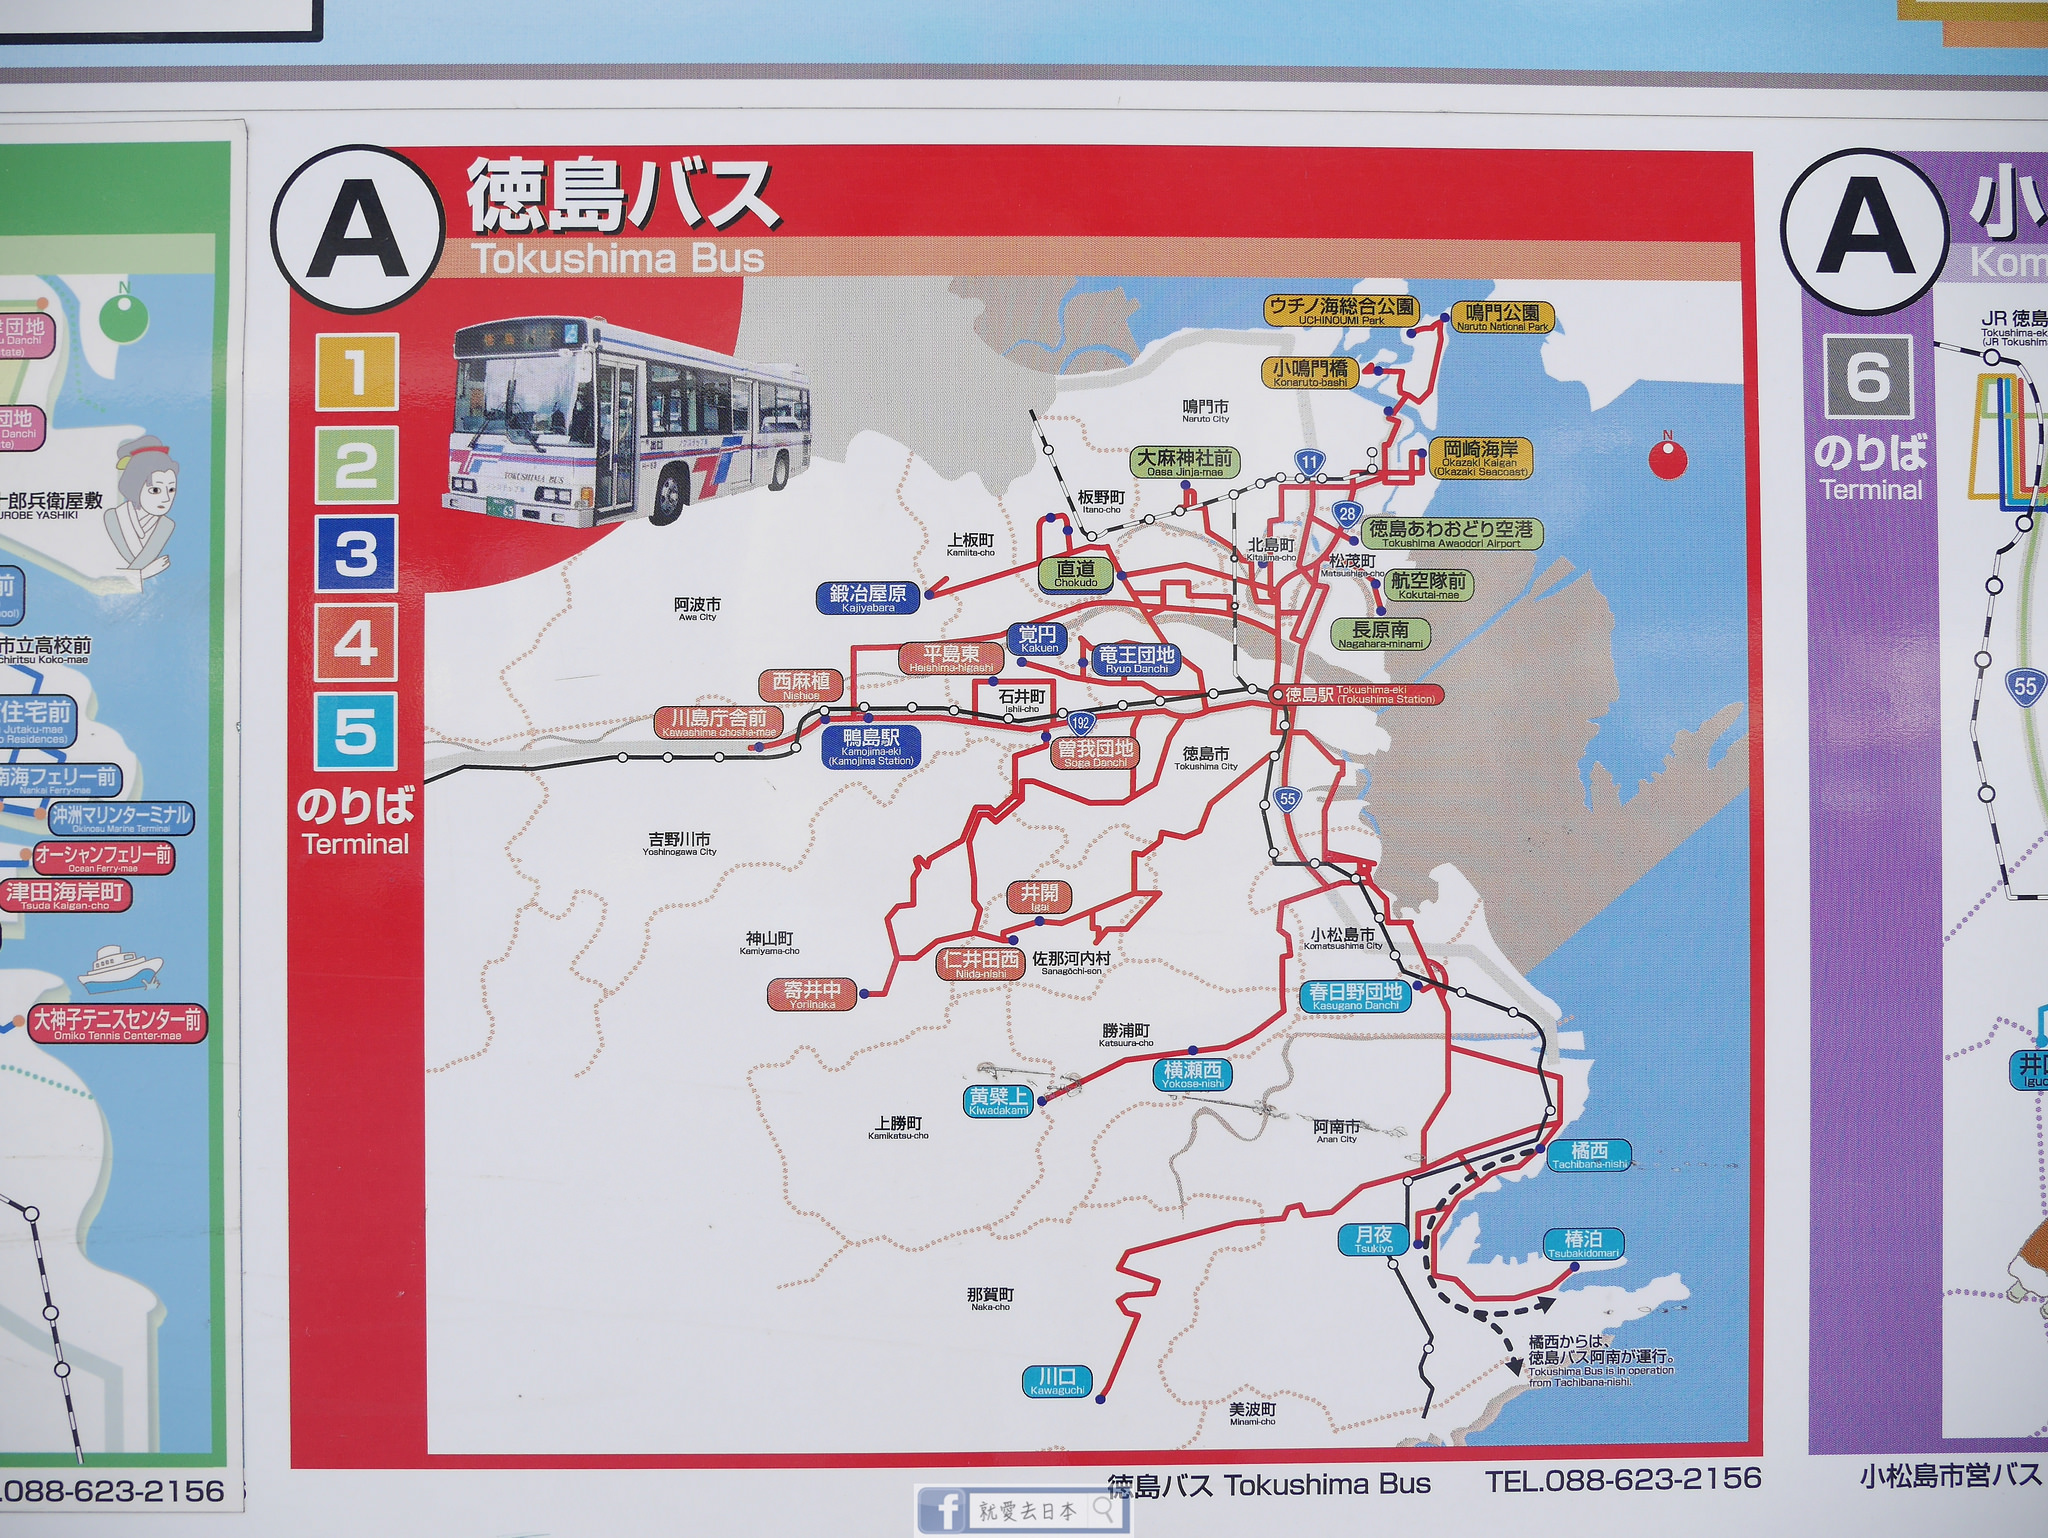 德島交通懶人包:巴士、火車與關西機場來回+松茂站.物產館導覽 @愛旅行 - 右上的世界食旅